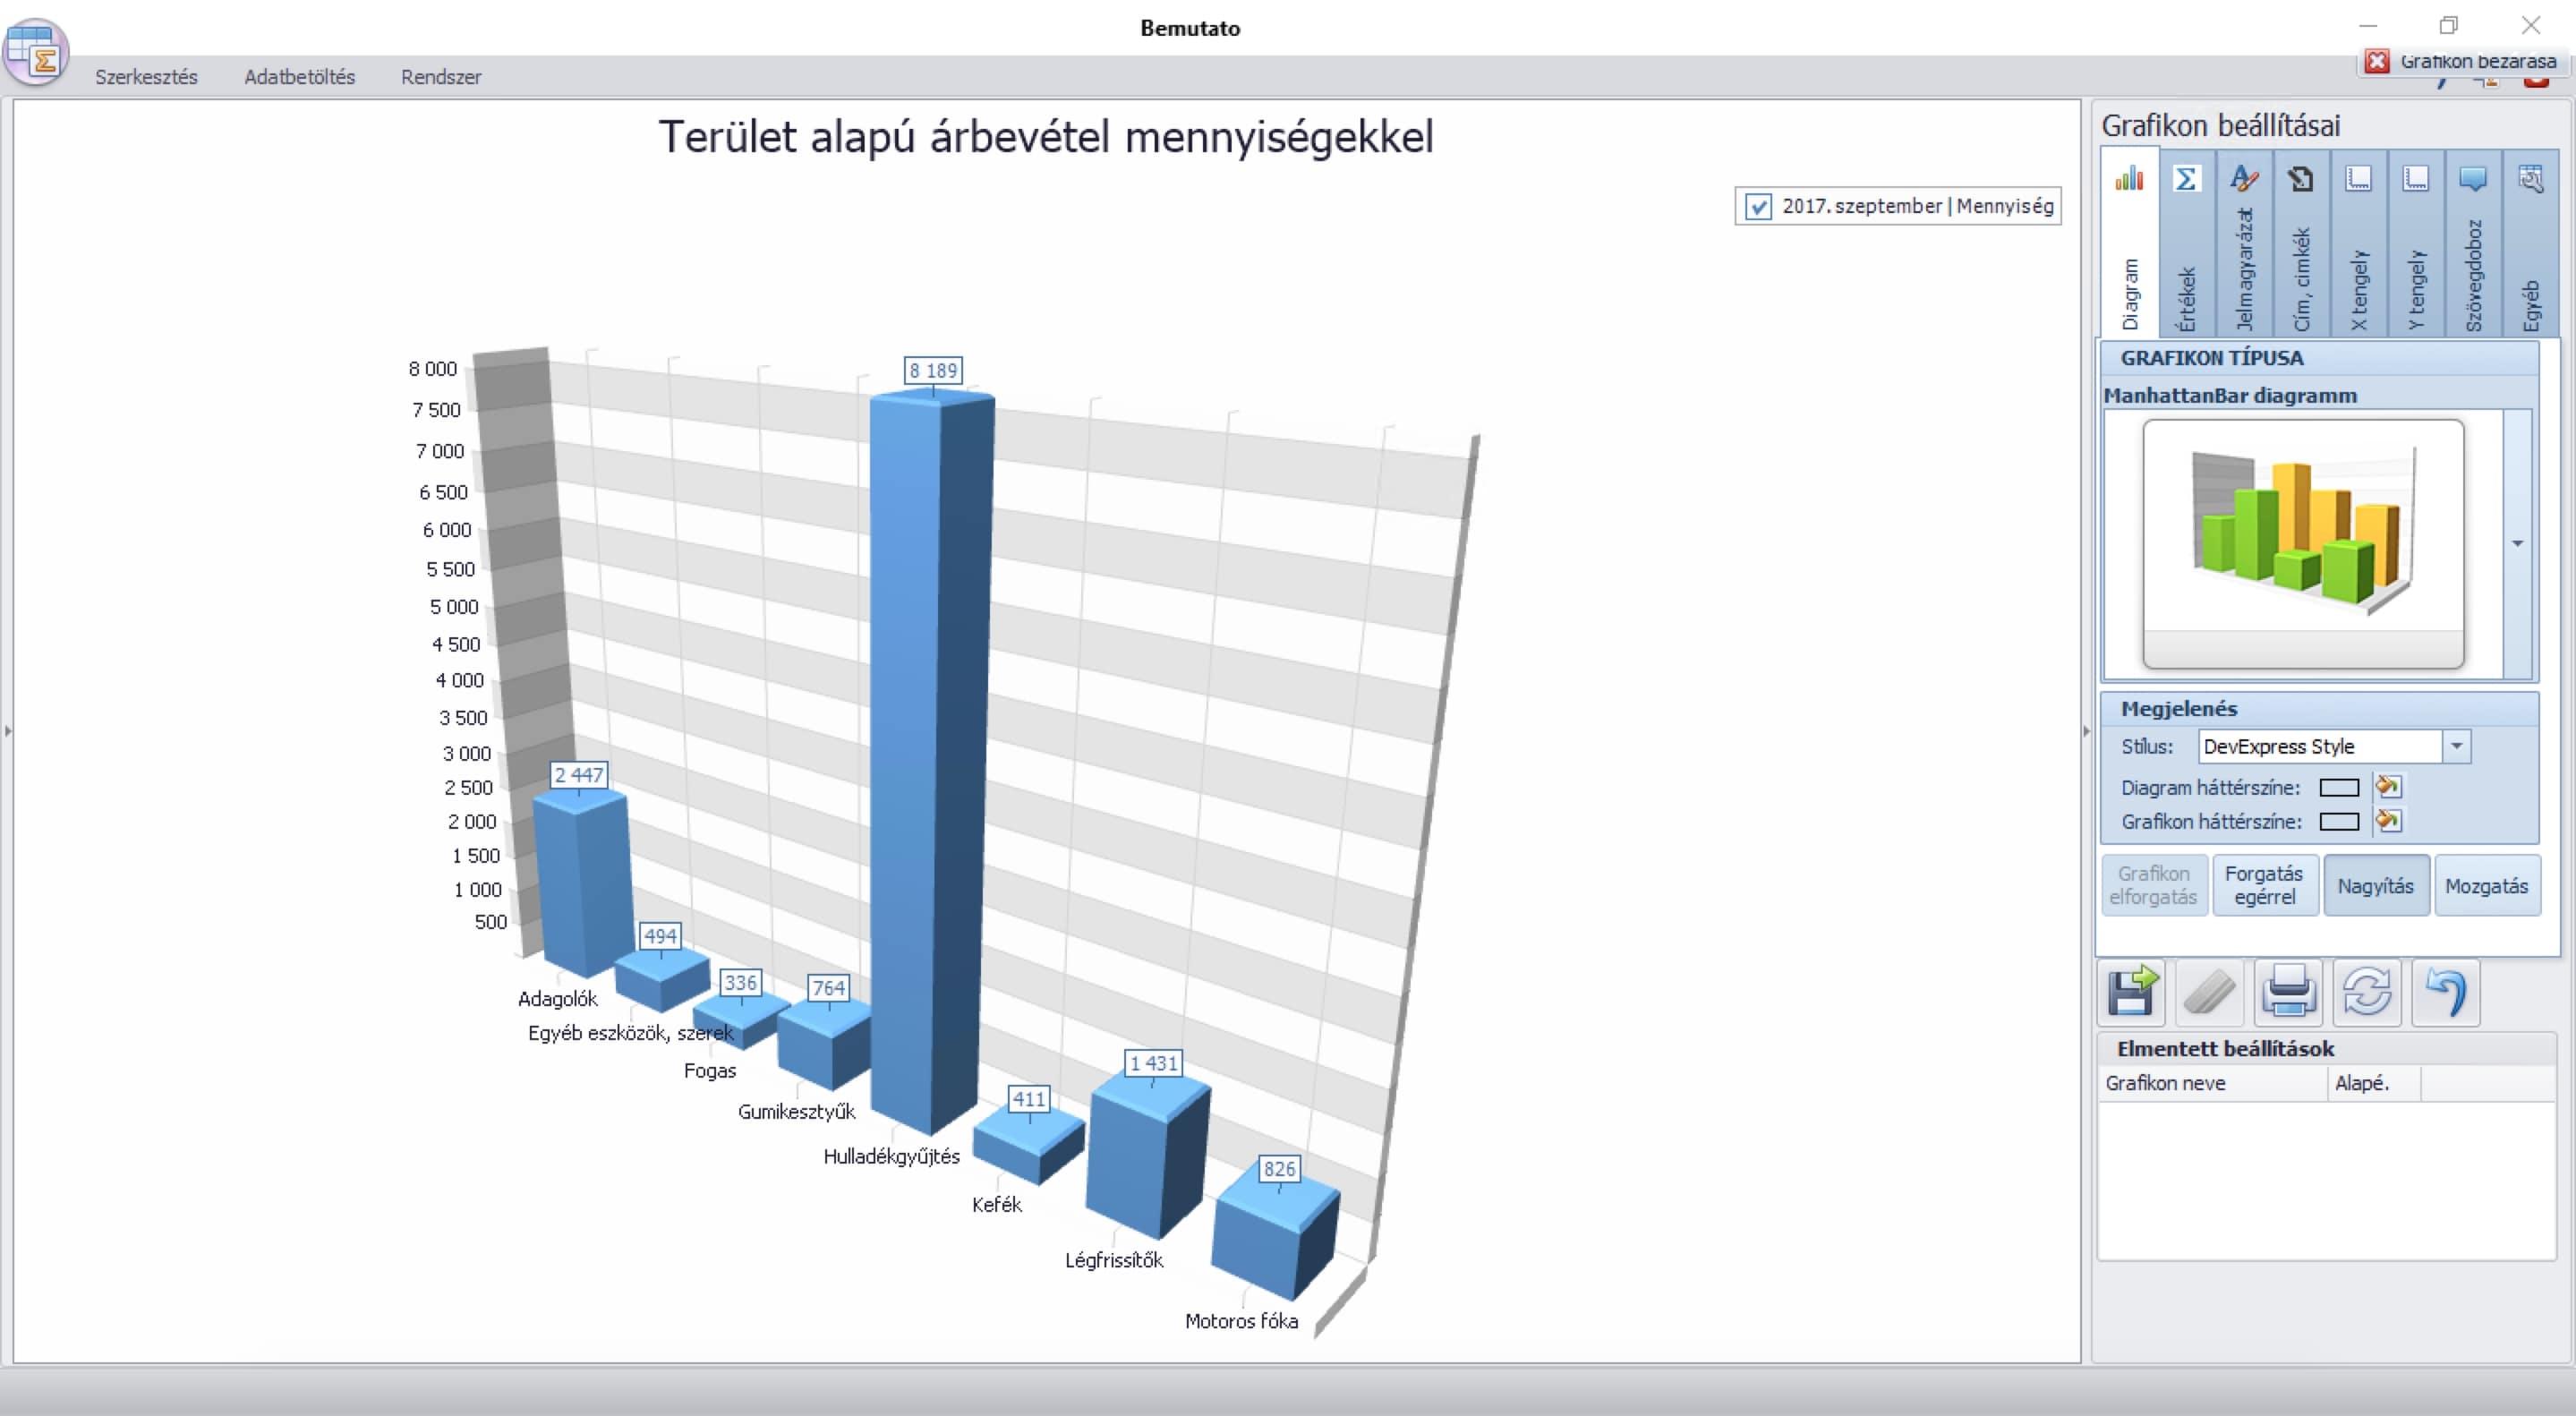 Cikkcsoport alapú árbevétel kimutatás a mennyiségek feltüntetésével a Kontrolling rendszerben